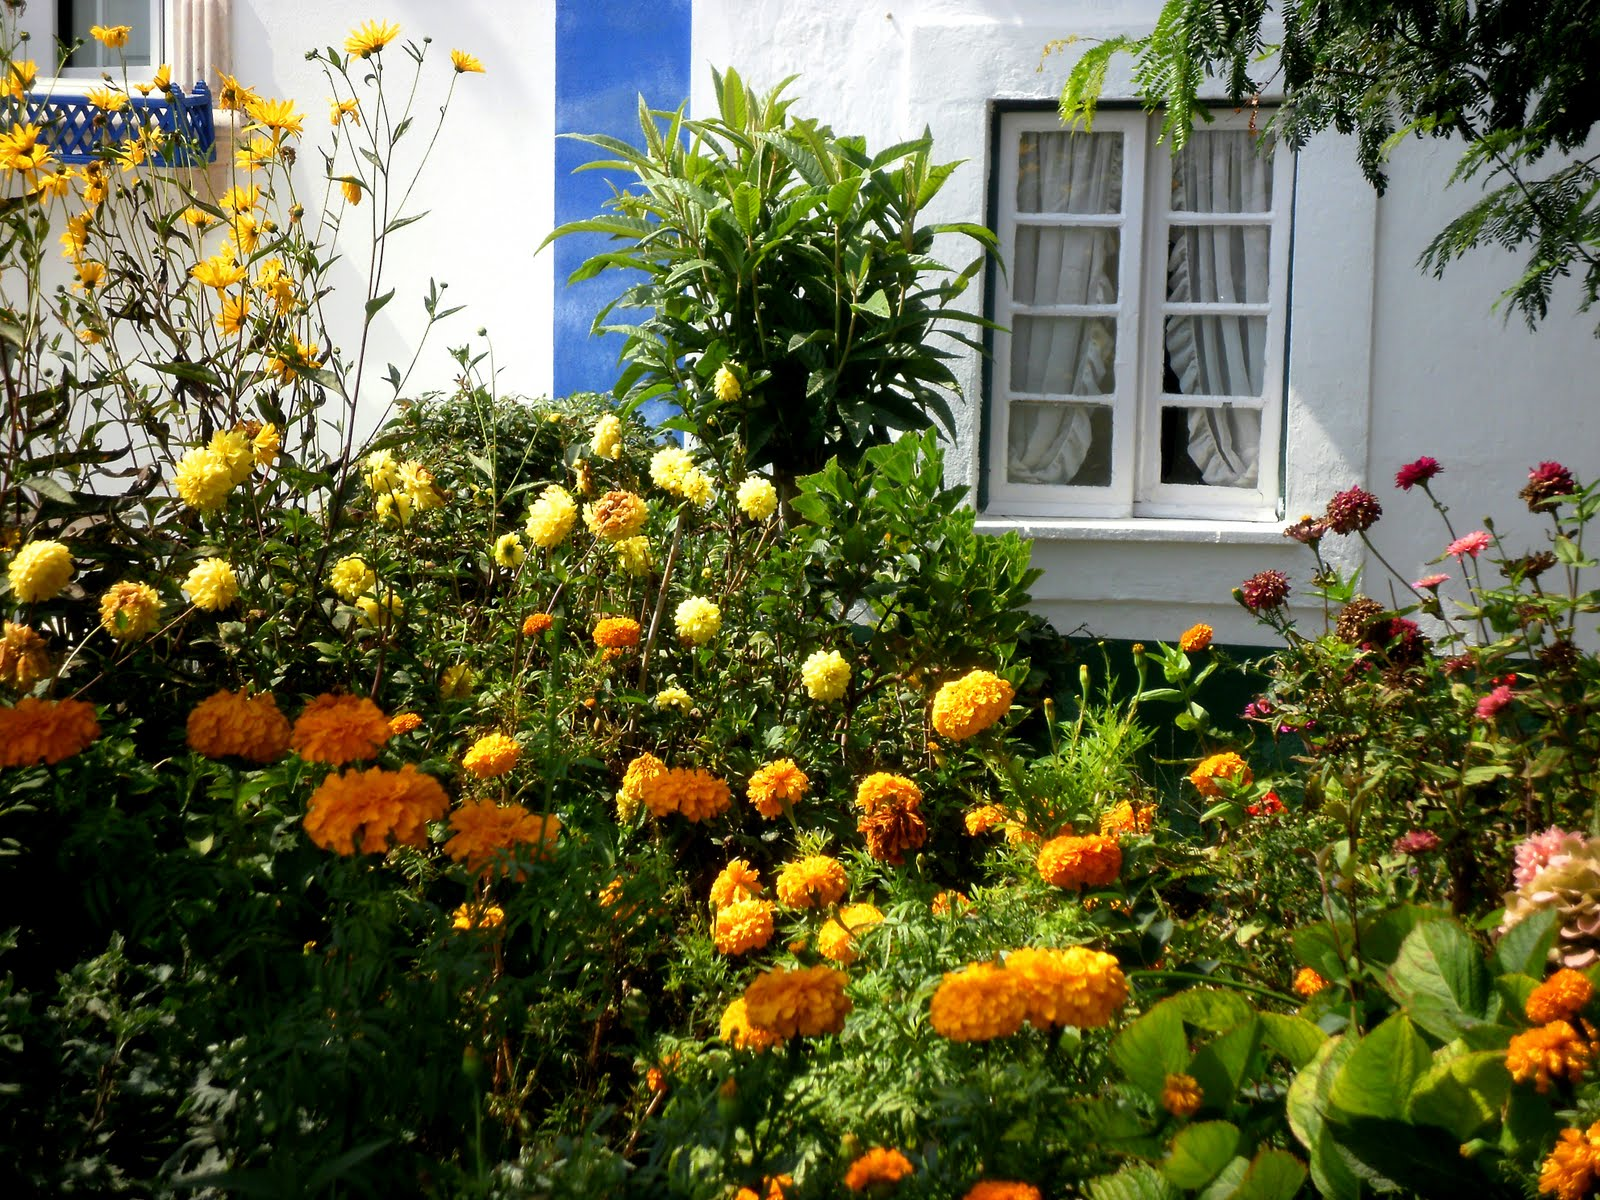 plantas jardim de sol : plantas jardim de sol:Flores para Jardim externo com sol